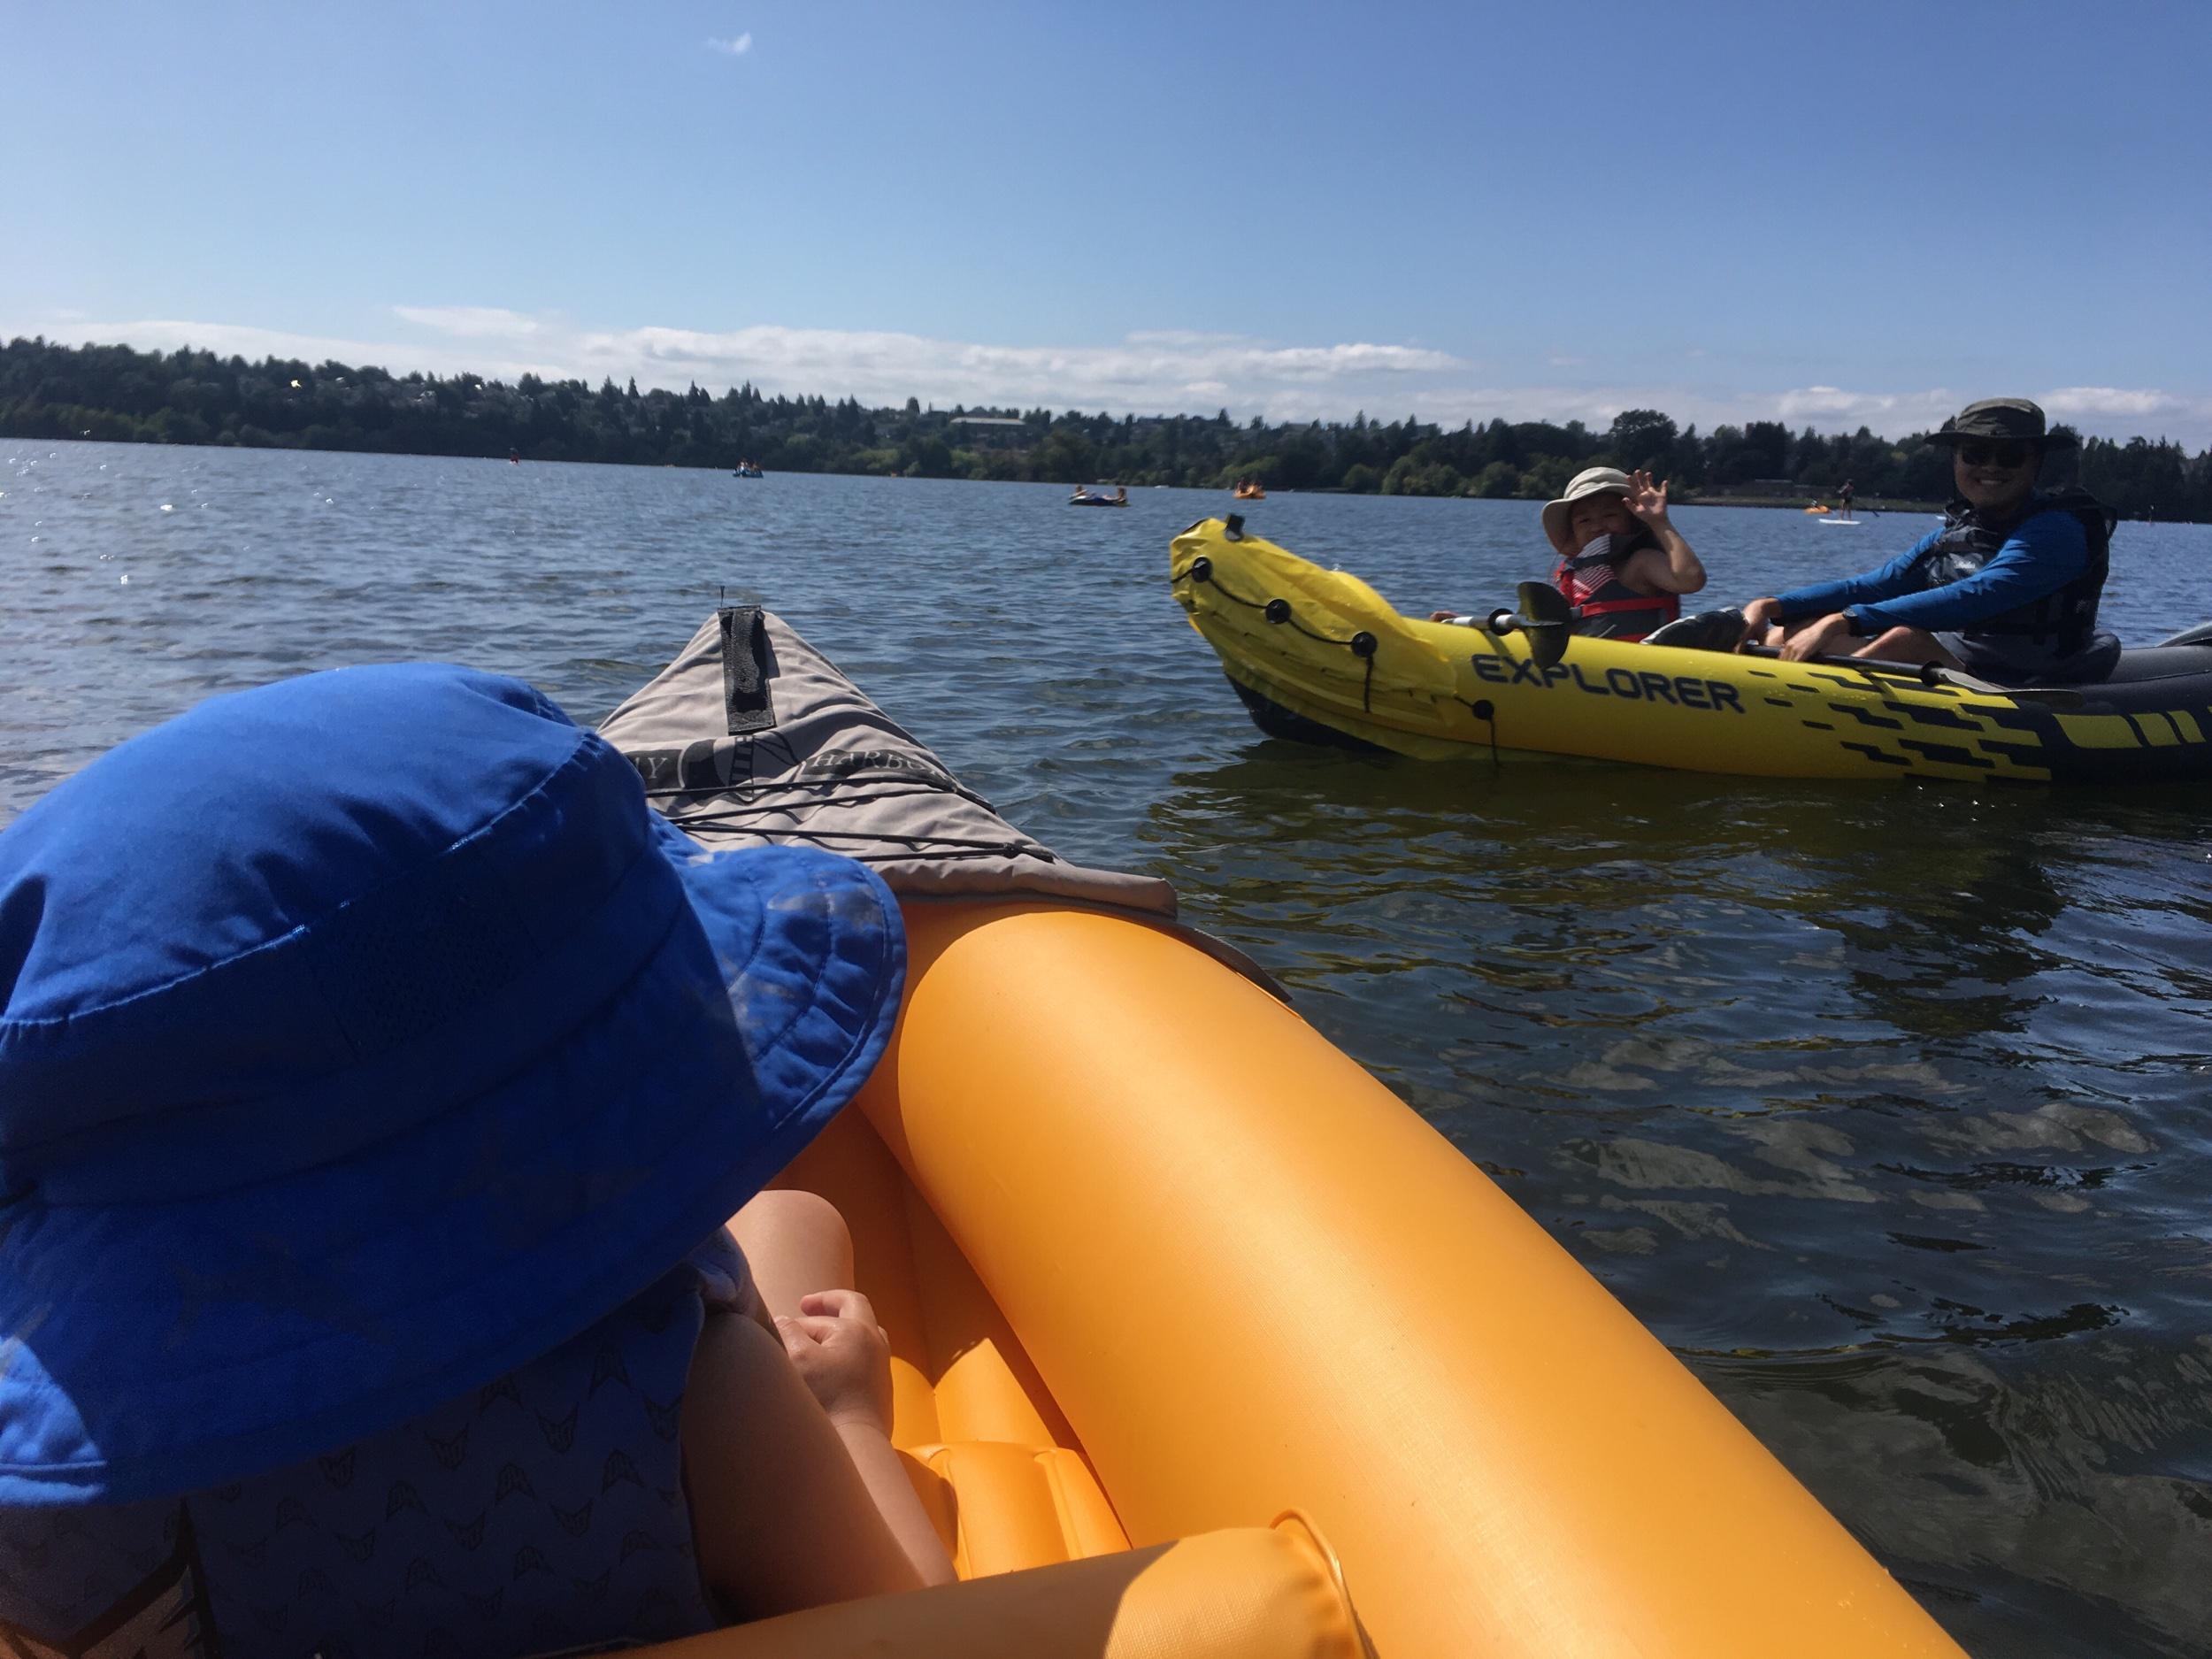 Kayaking on Green Lake